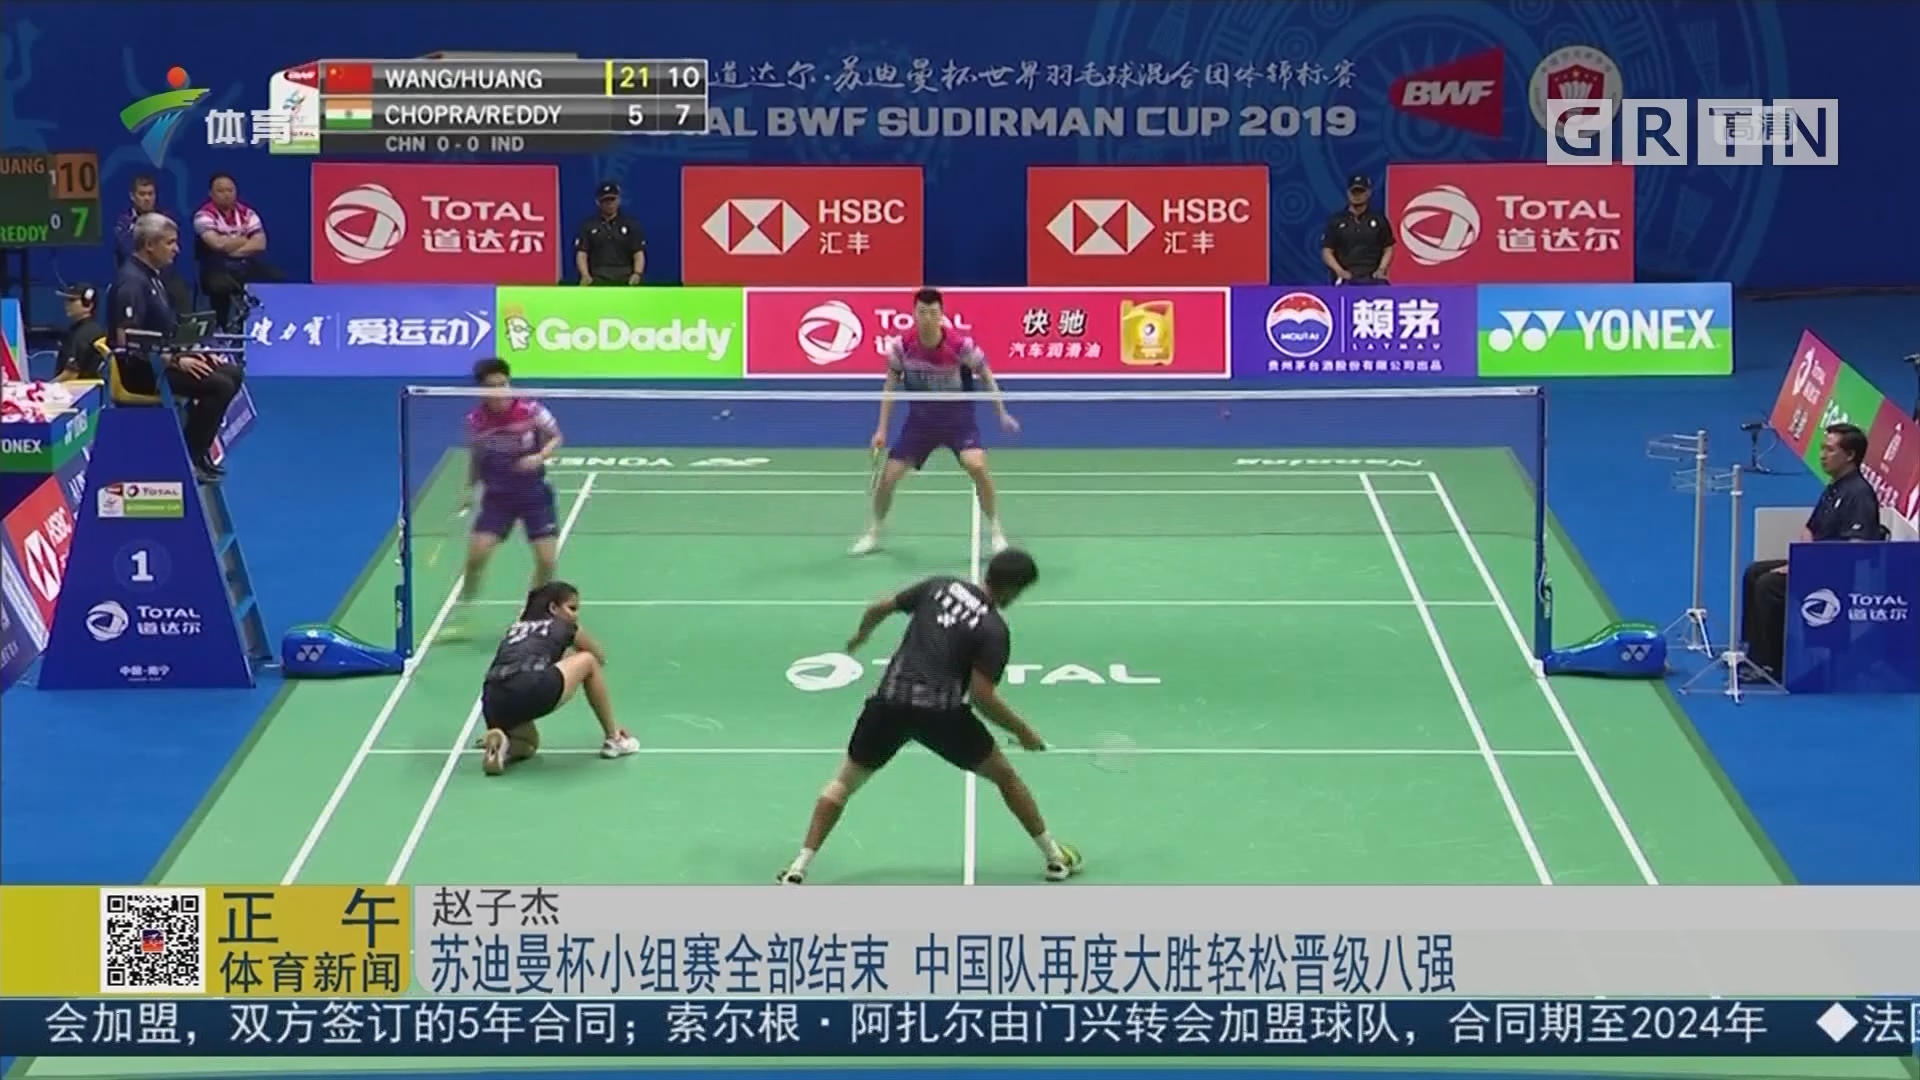 苏迪曼杯小组赛全部结束 中国队再度大胜轻松晋级八强